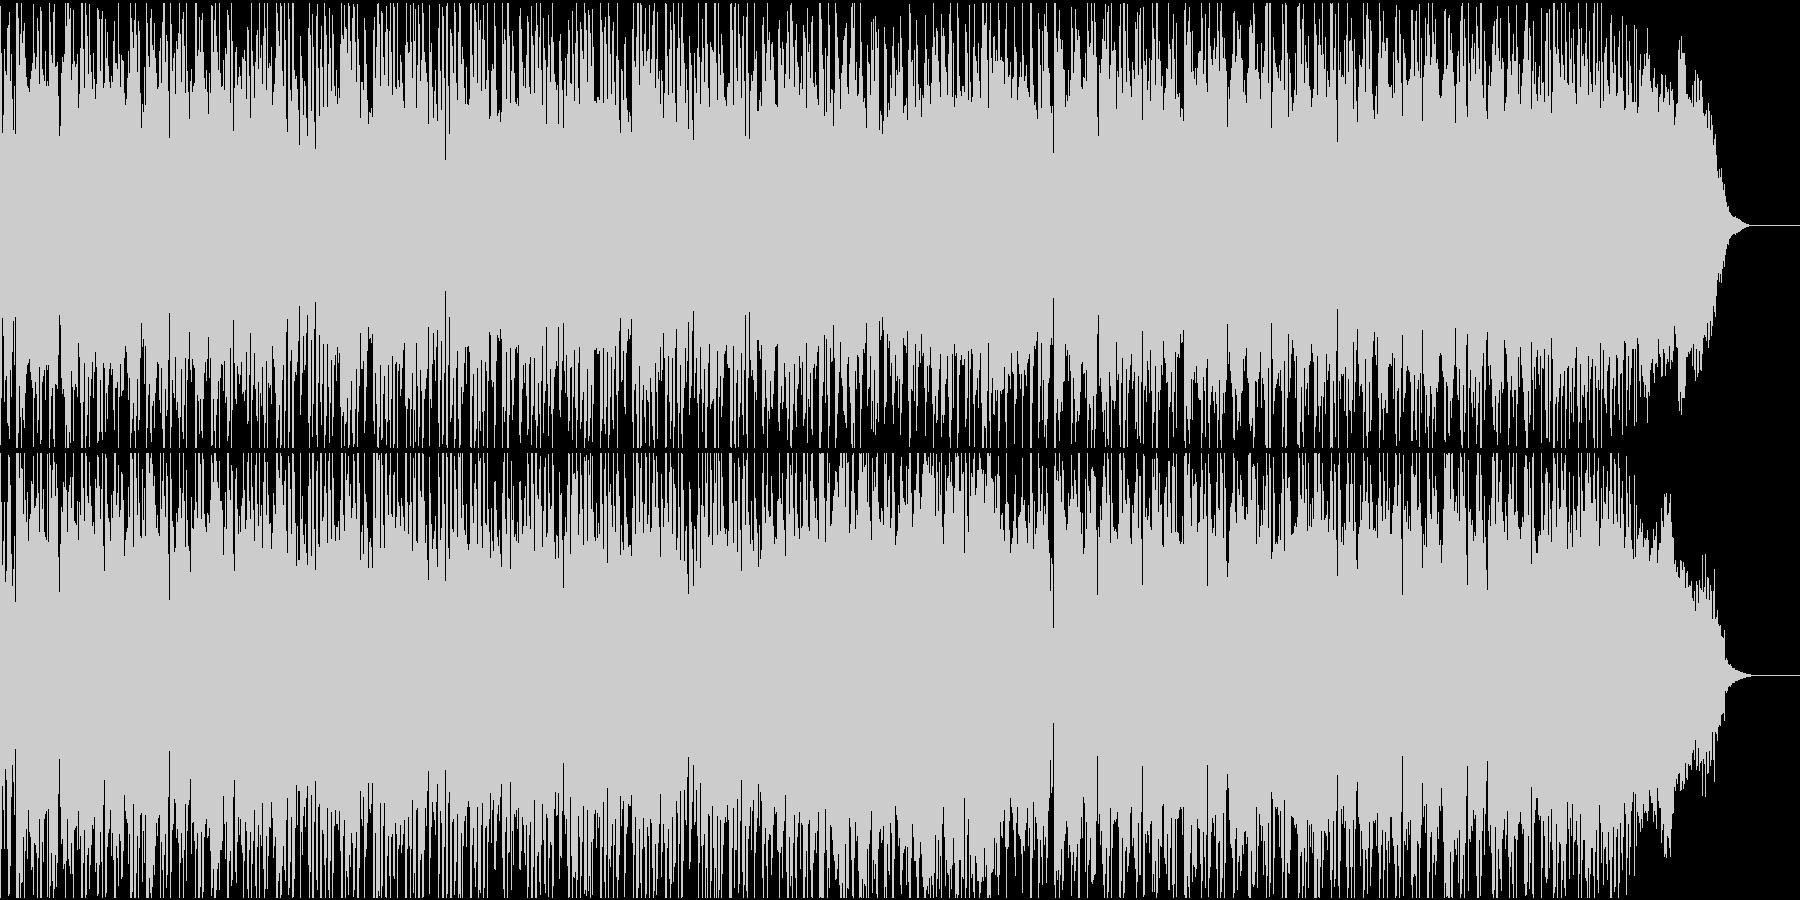 パワフルで疾走感のあるロックの未再生の波形